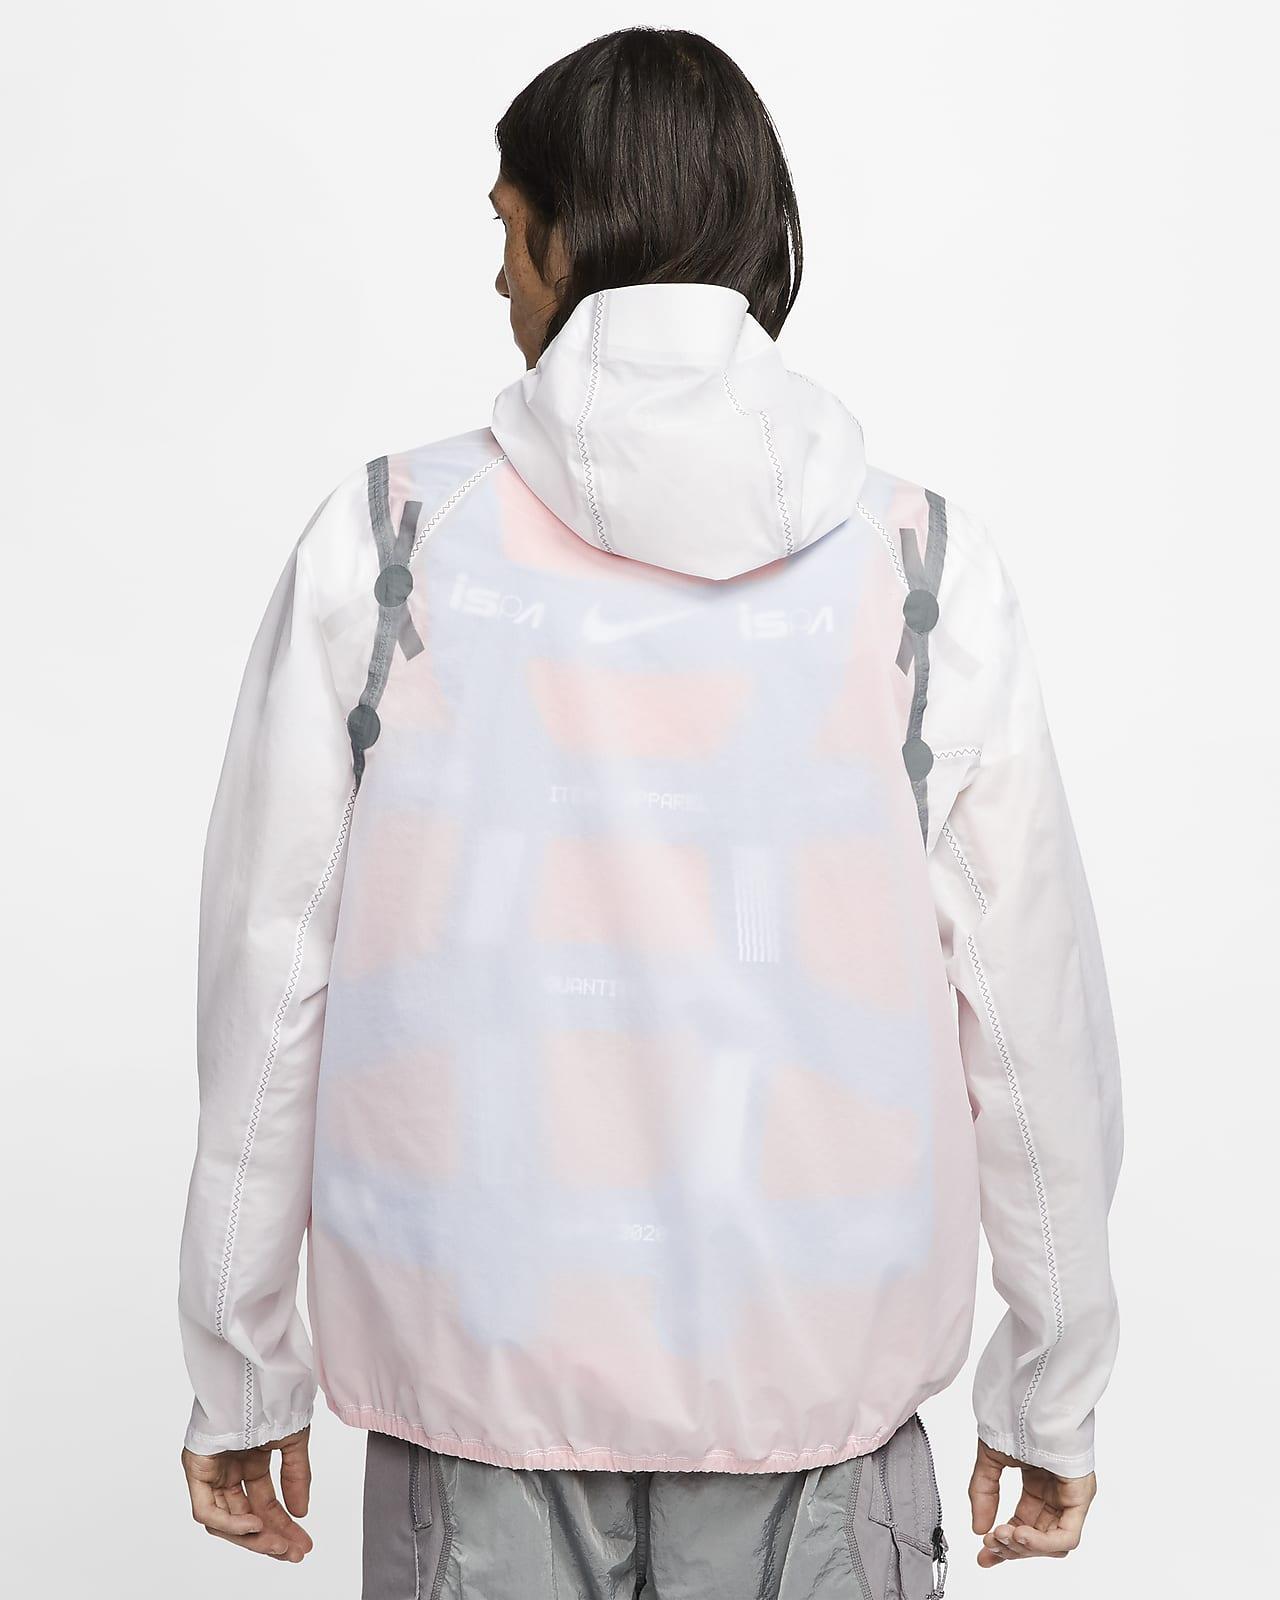 Nike ISPA Inflate kabát. Nike HU